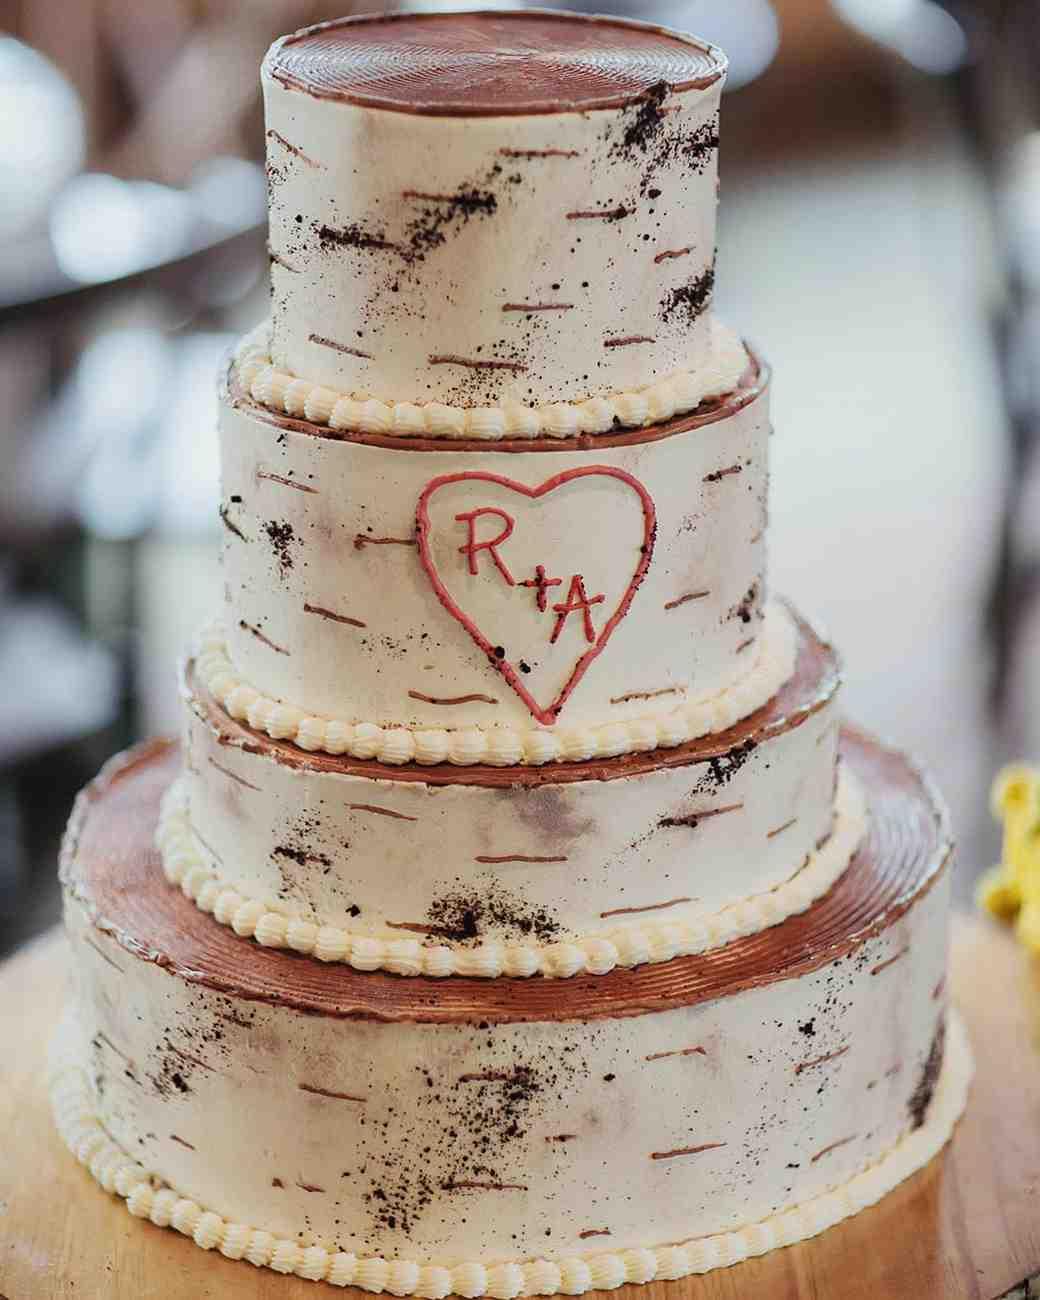 ryan-alan-wedding-cake-0802-s112966-0516.jpg